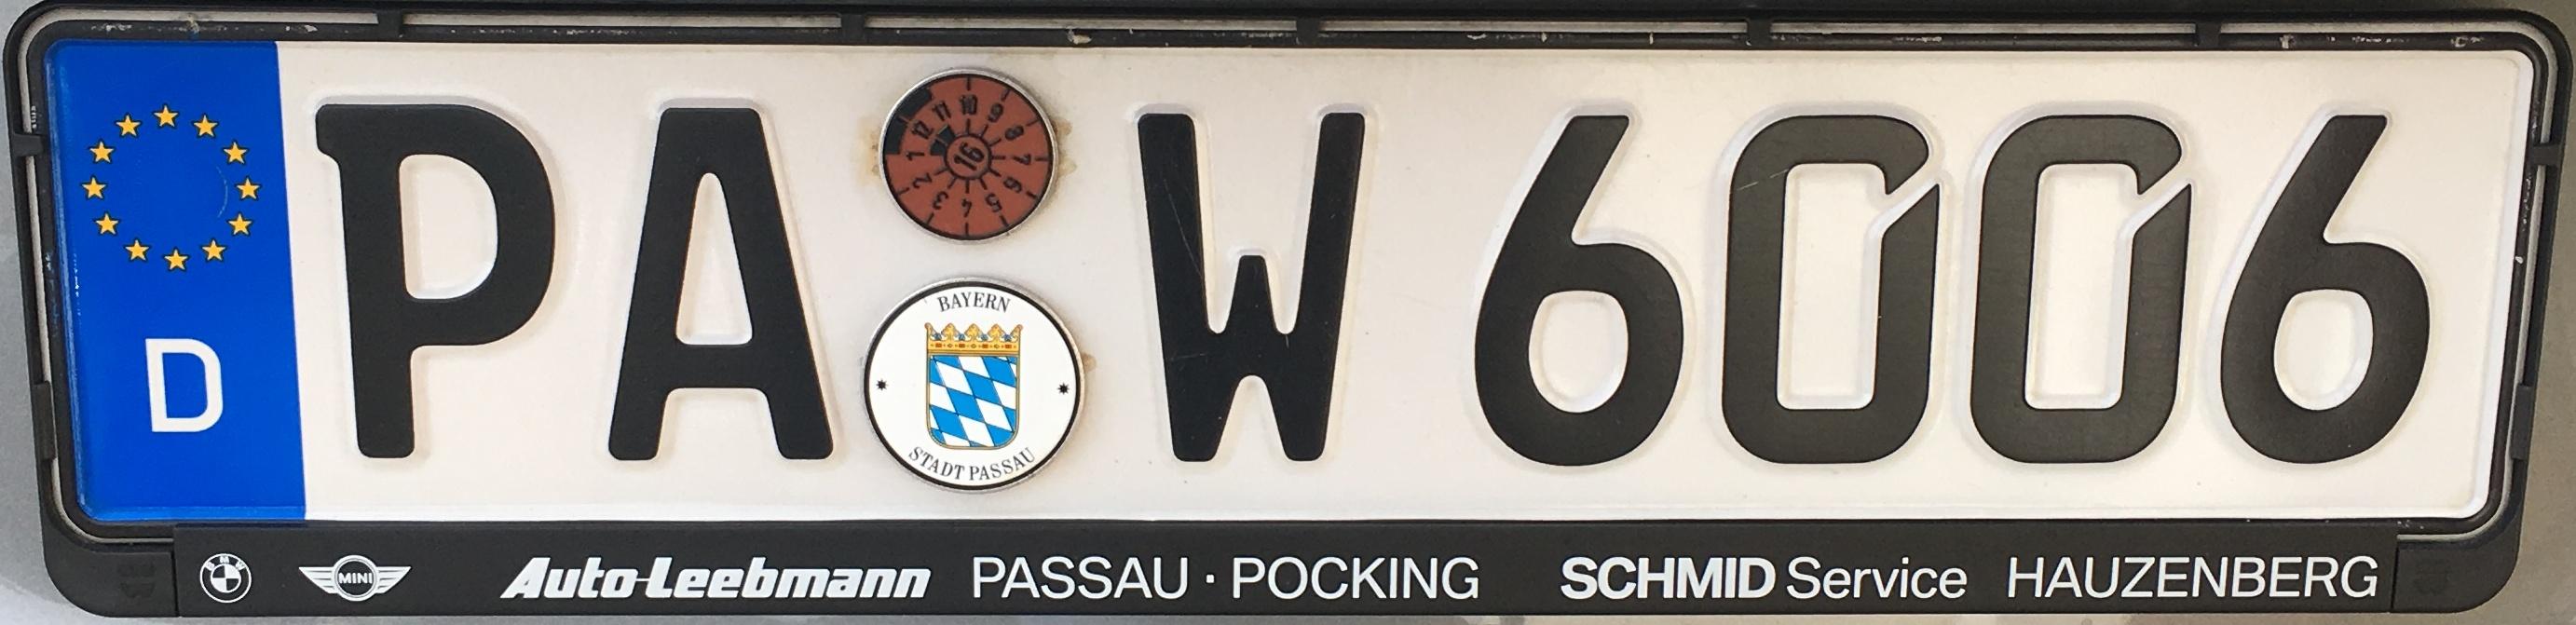 Registrační značky Německo - PA - Passau, foto: vlastní